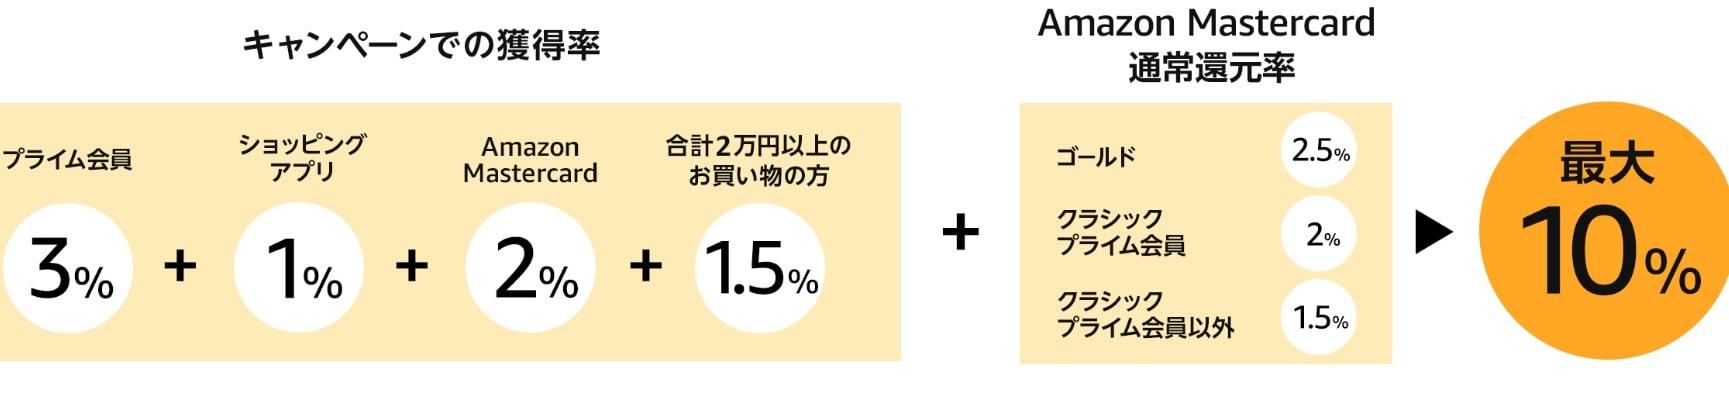 amazonポイントアップキャンペーンの還元率の図